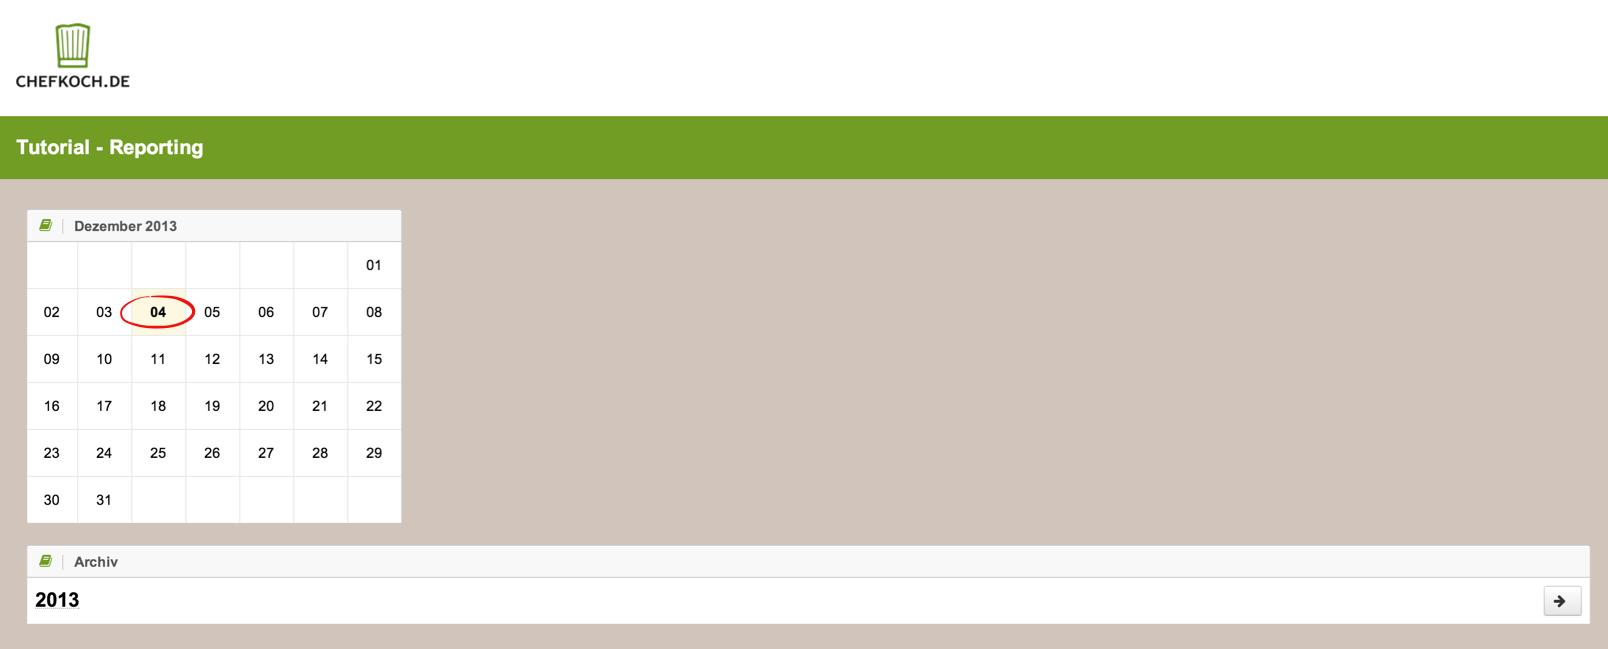 Online-Archiv für Chefkoch als Beispiel